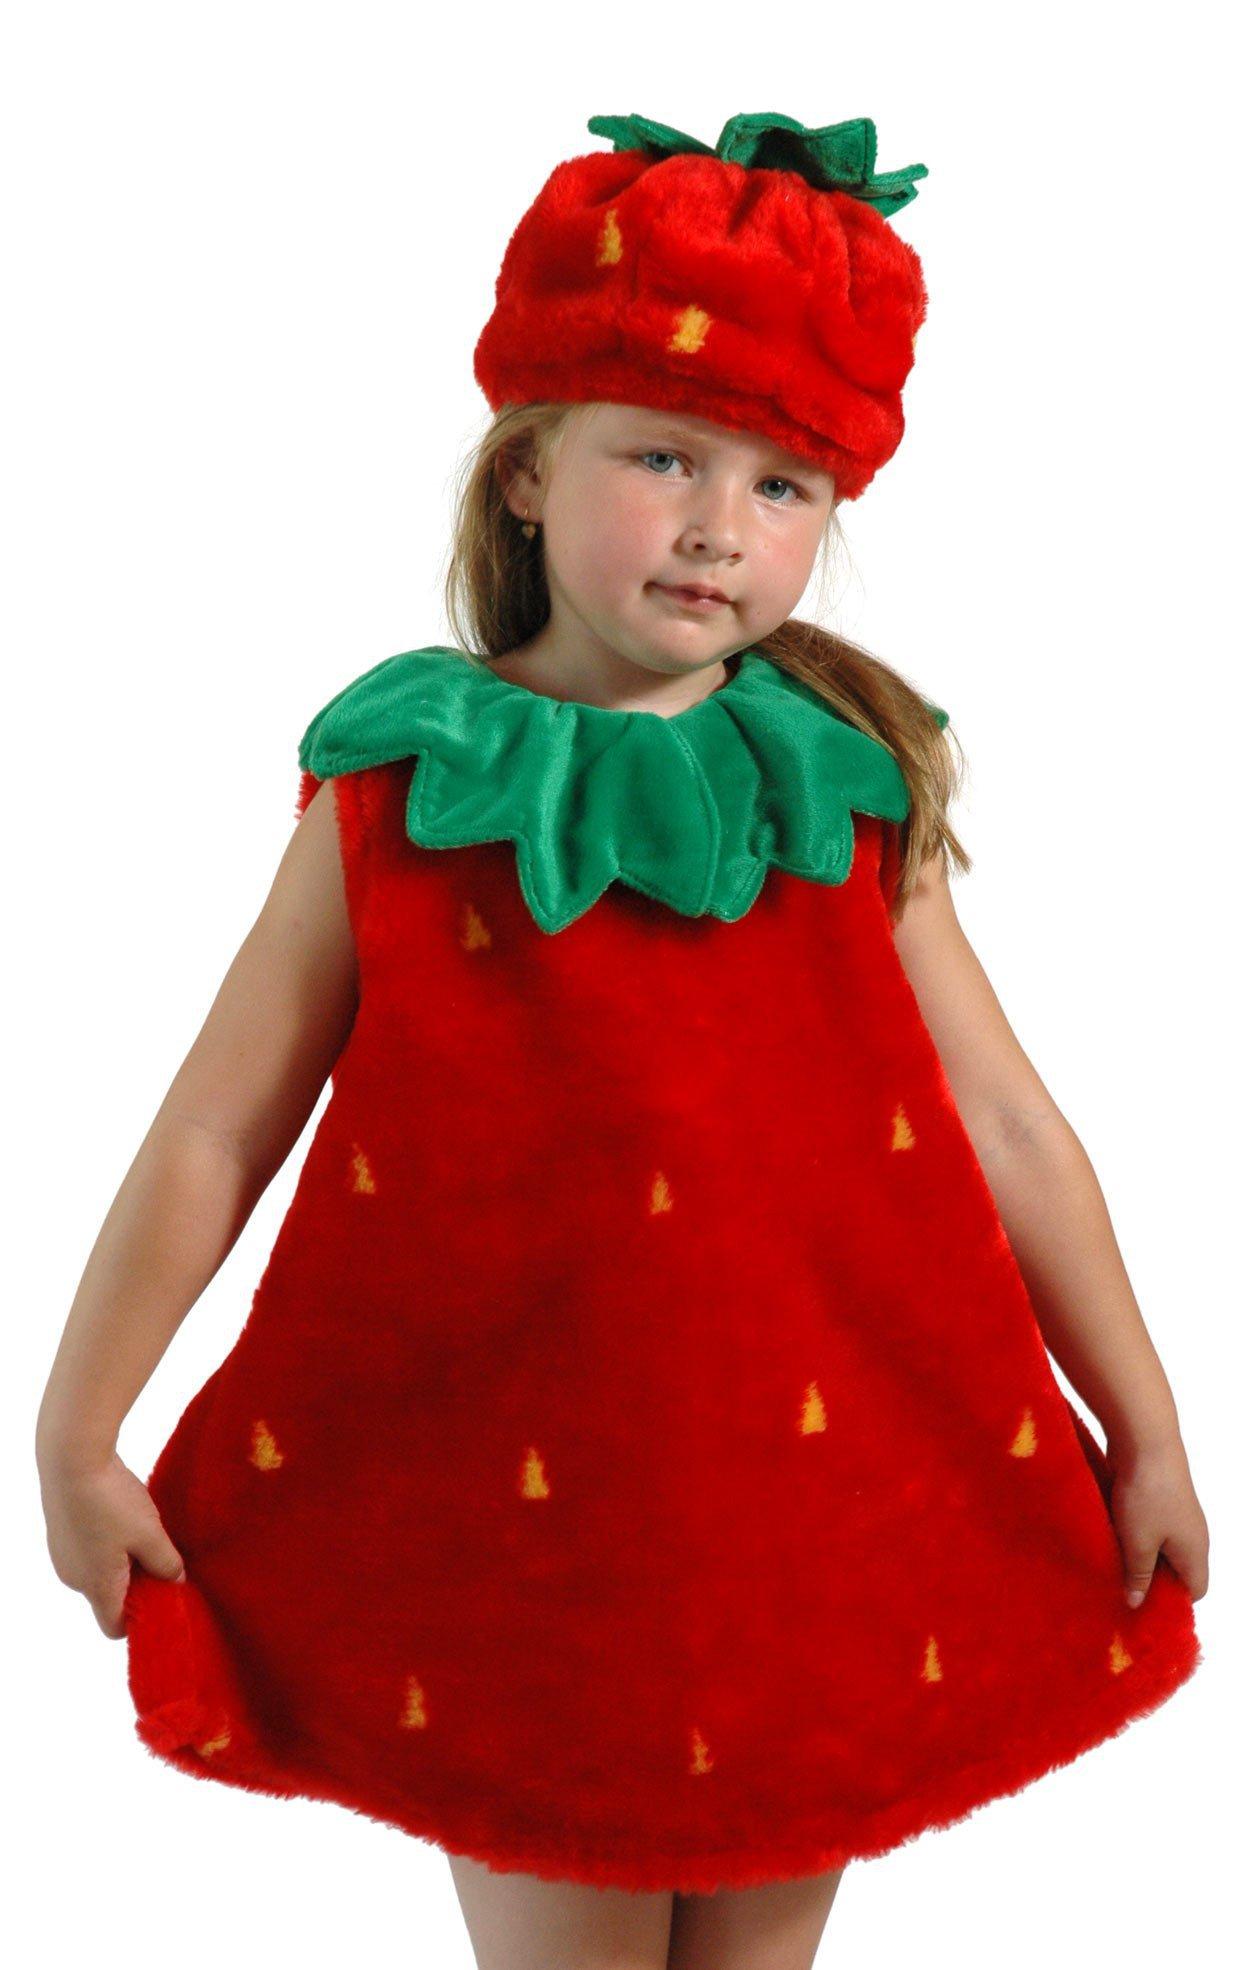 Праздники не за горами: позаботьтесь о карнавальных костюмах!